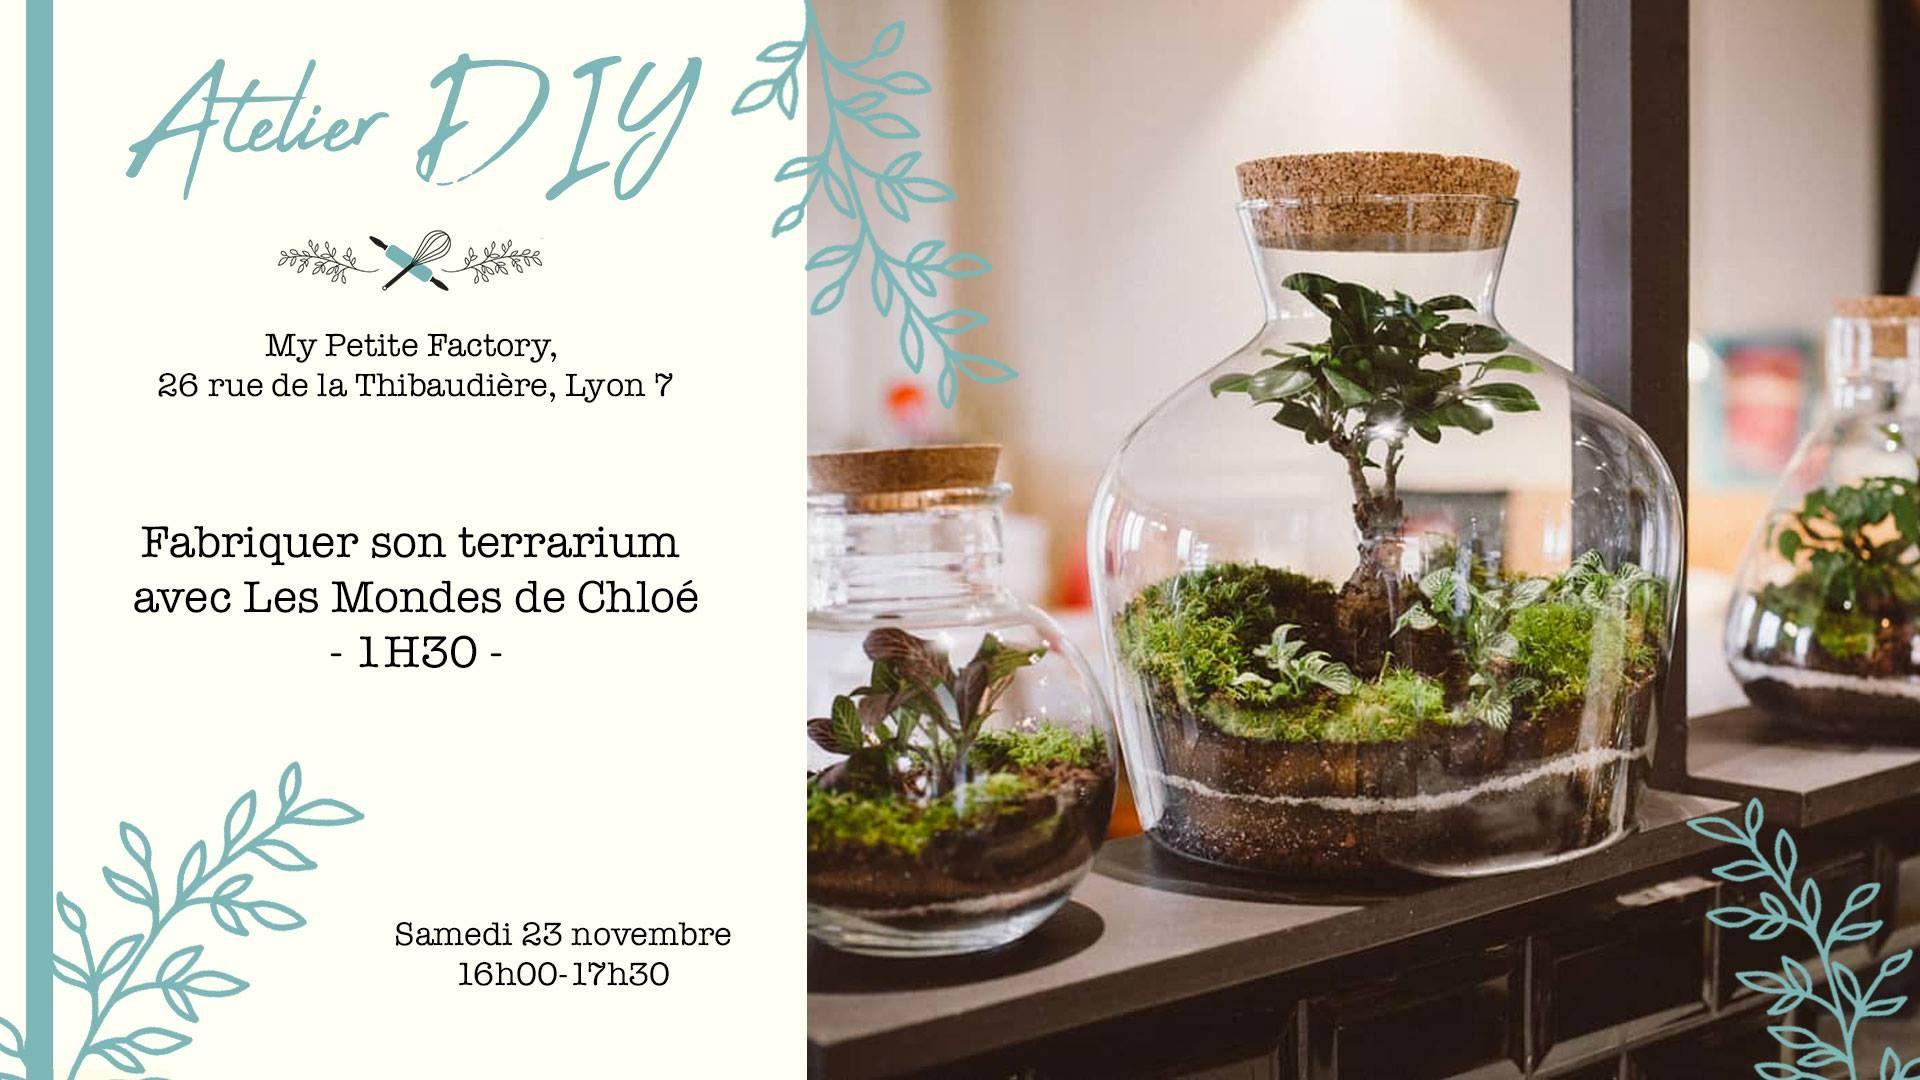 atelier-fabriquer-son-terrarium-23nov2019